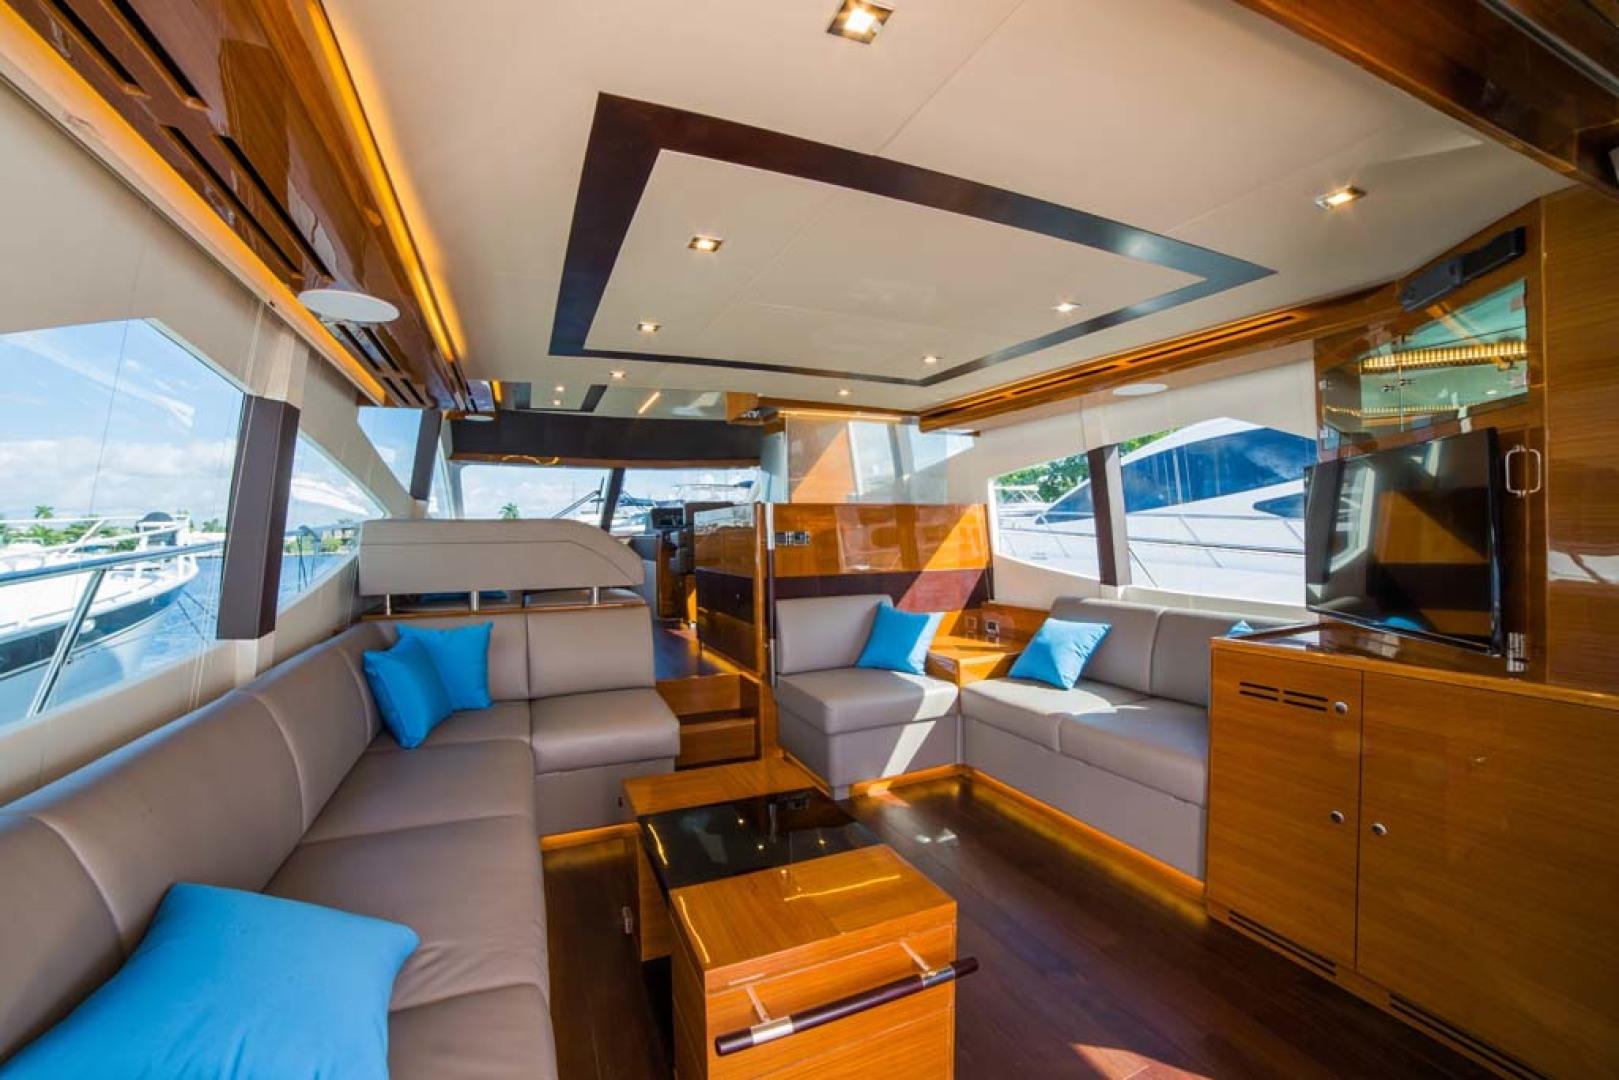 Dyna Yachts-Flybridge 2021 -Florida-United States-Salon Seating-1065884 | Thumbnail